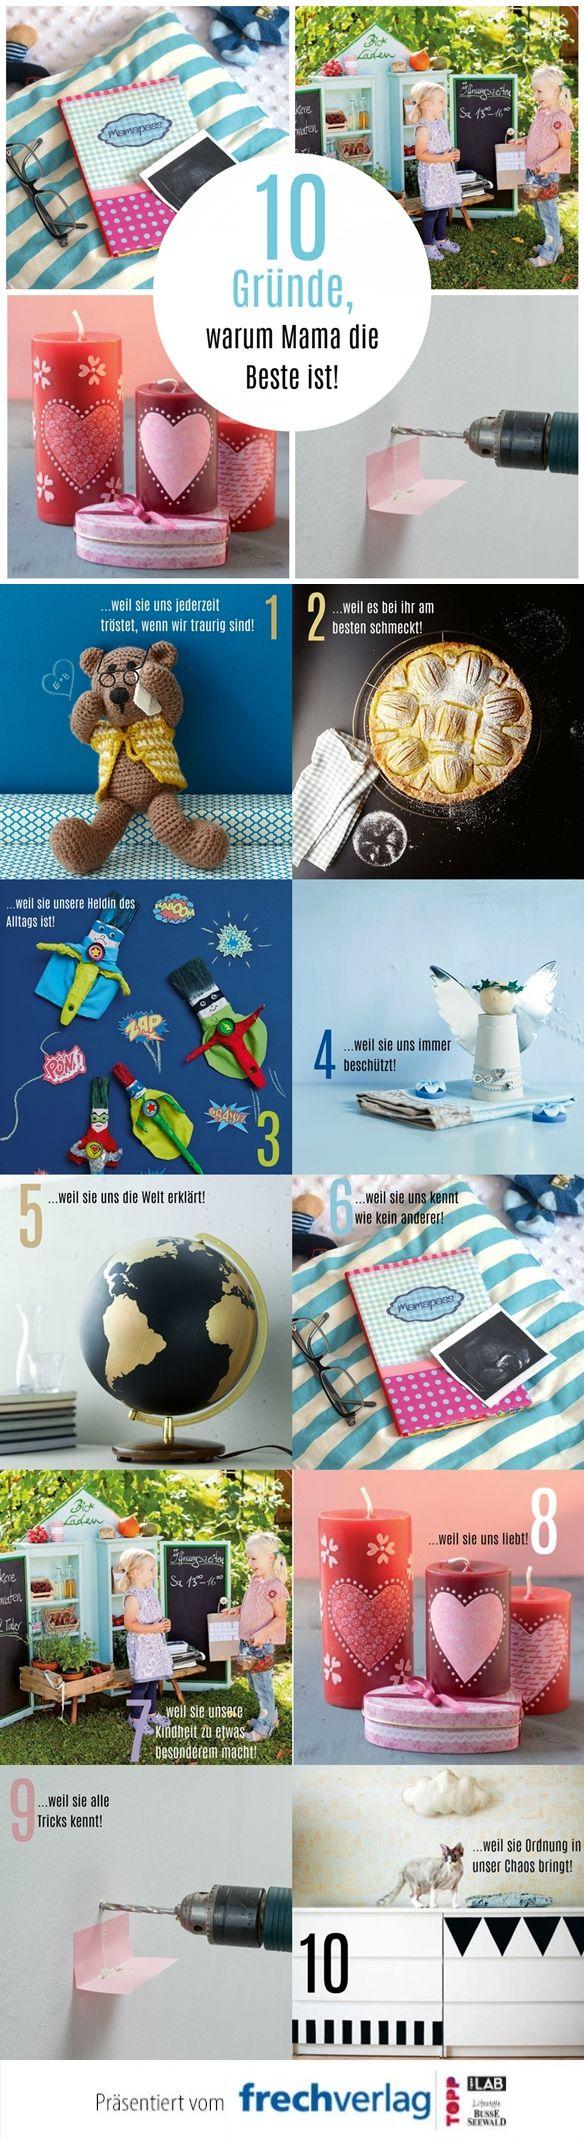 Dass Mama die Beste ist weiß wohl jeder. Und das sollte man ihr auch so oft wie möglich sagen - nicht nur am Muttertag! Mit dieser Infografik könnt ihr eurer Mama erklären, warum sie die Beste ist! Alle Anleitungen zu den Modellen findet ihr unter www.topp-kreativ.de